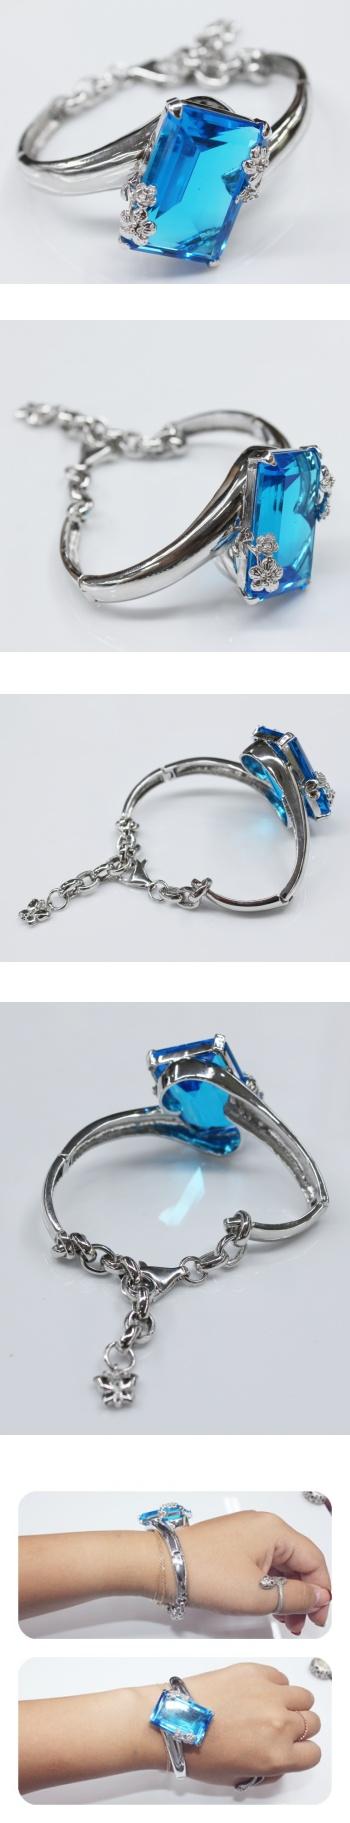 원석 아쿠아마린 팔찌 - 오이수공예, 510,000원, 팔찌, 패션팔찌